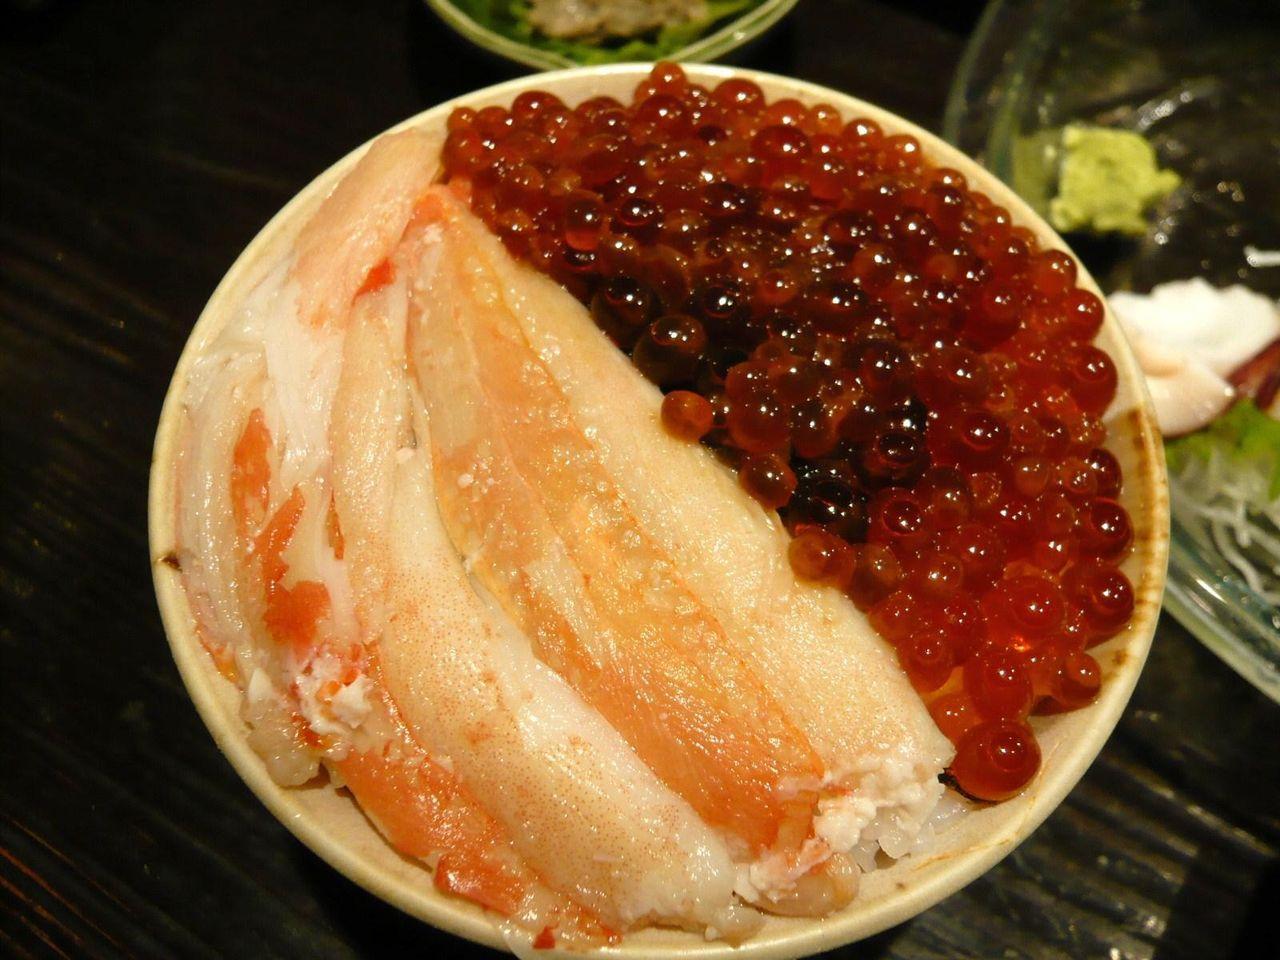 ミニぜいたく丼1,080円は、カニとイクラがタップリ!